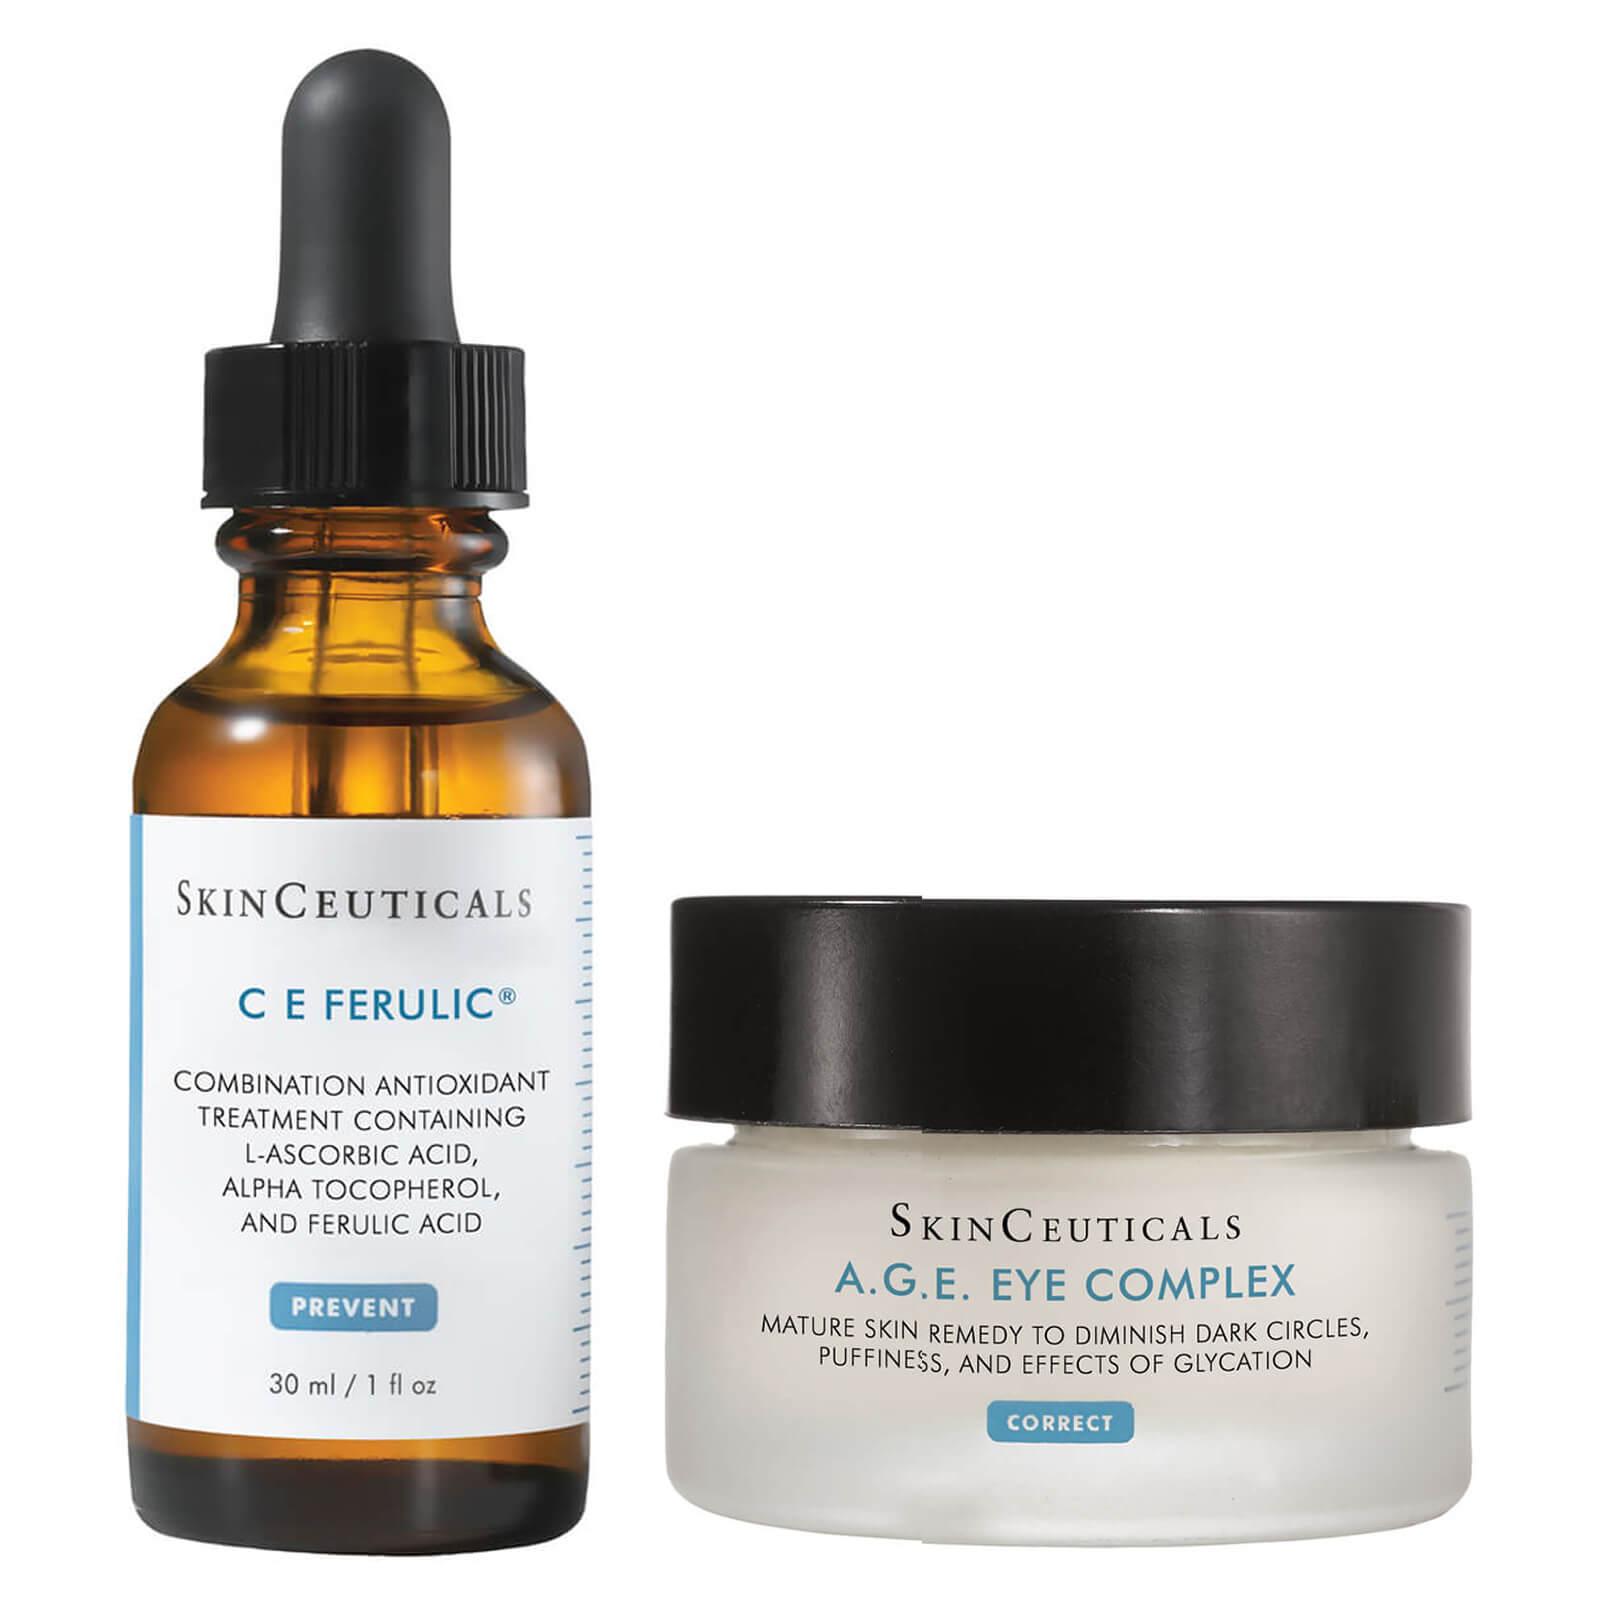 SkinCeuticals 杜克 CE 抗氧化精華+緊致眼霜套組